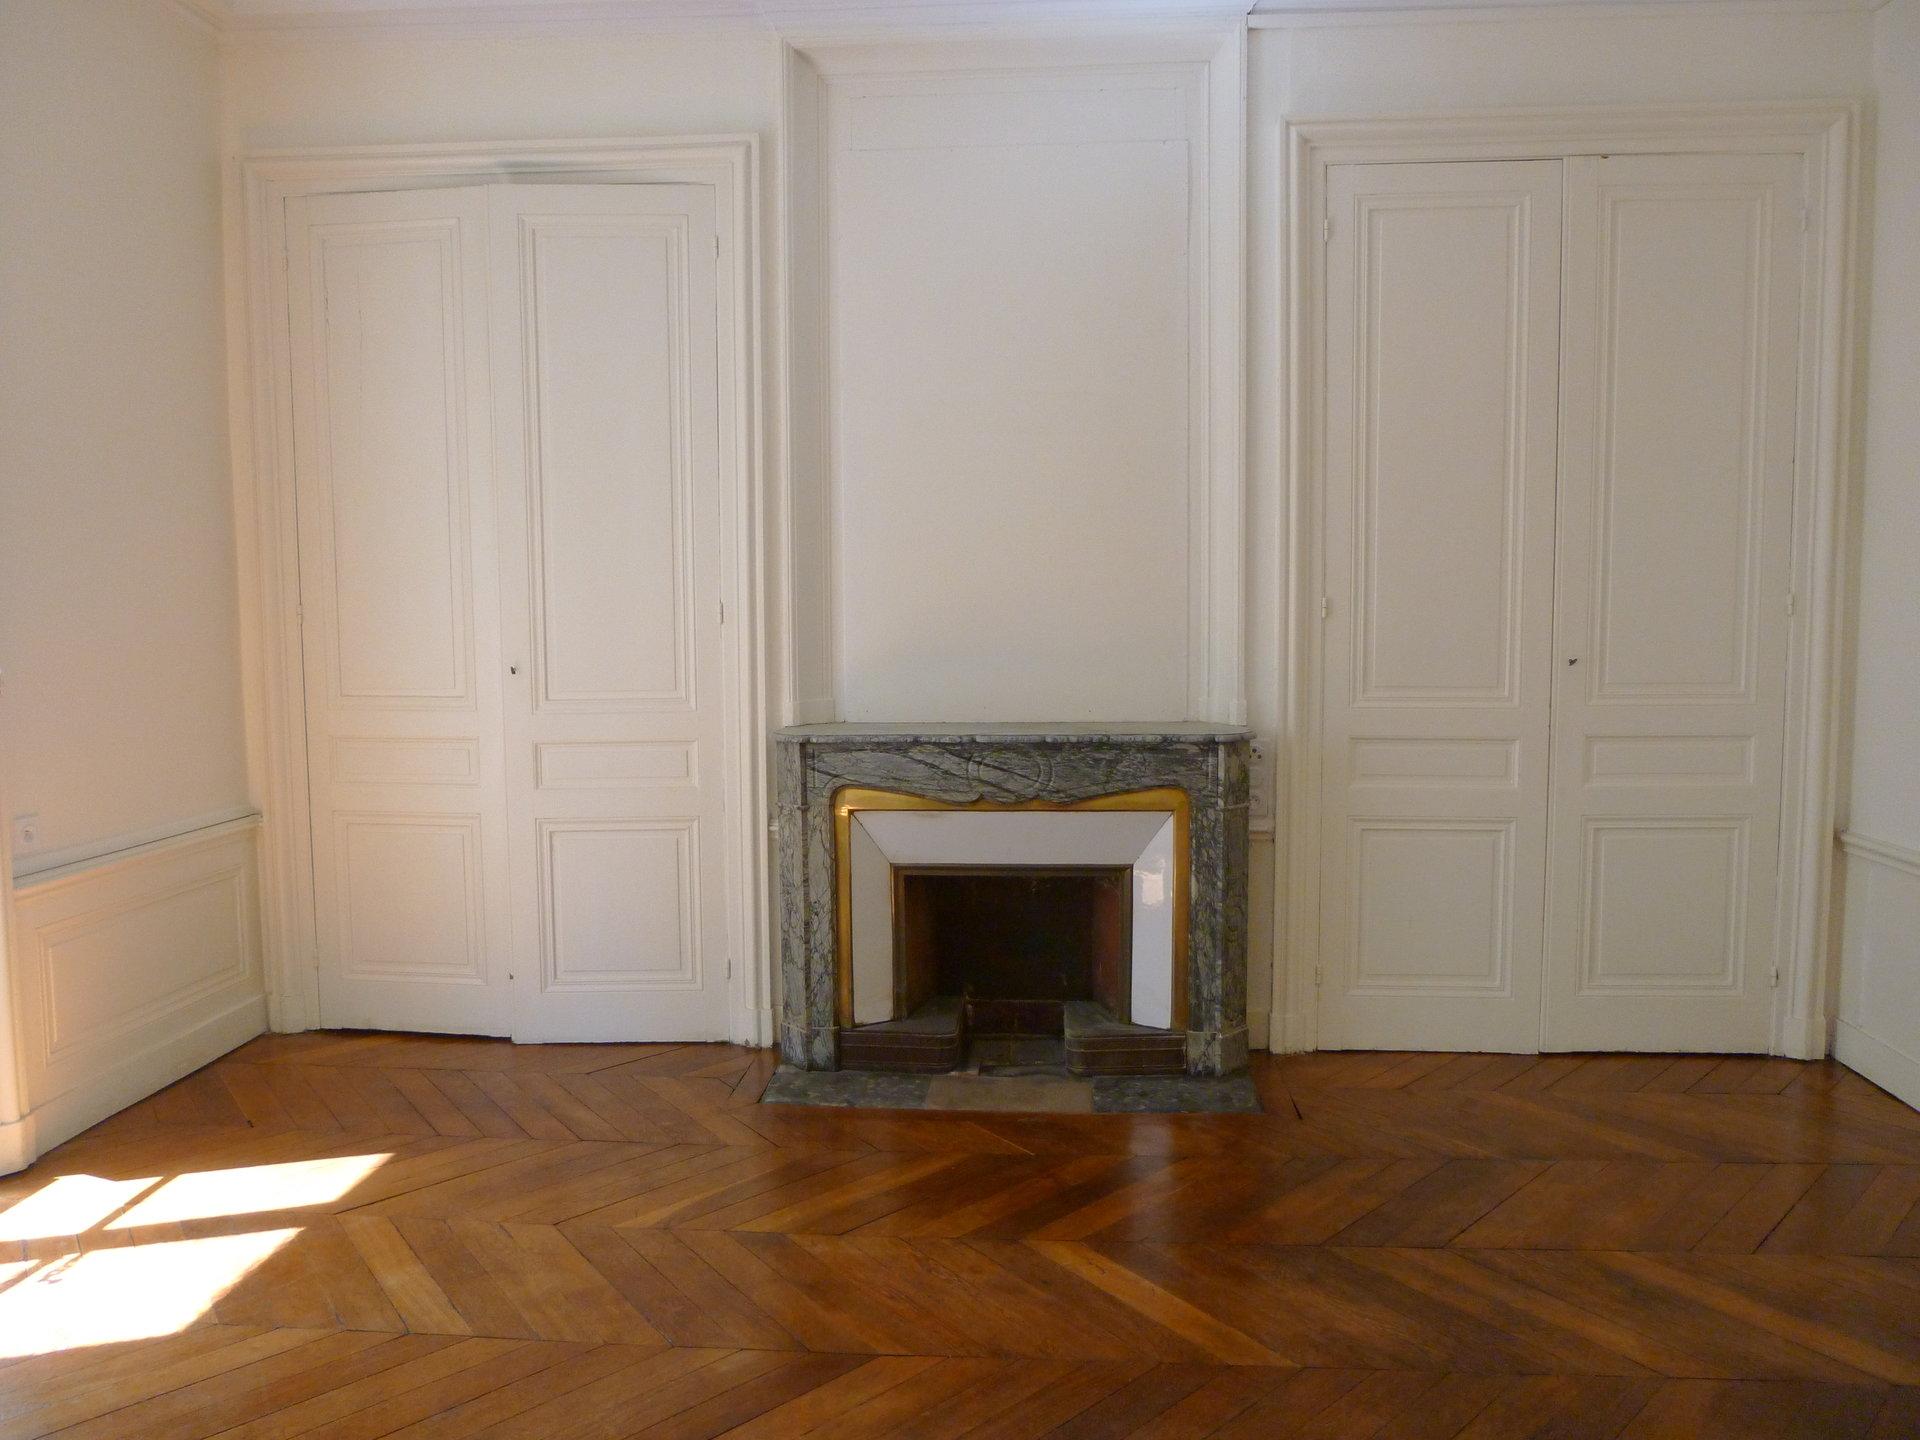 Loué par notre agence - T4 bourgeois Puvis de Chavannes